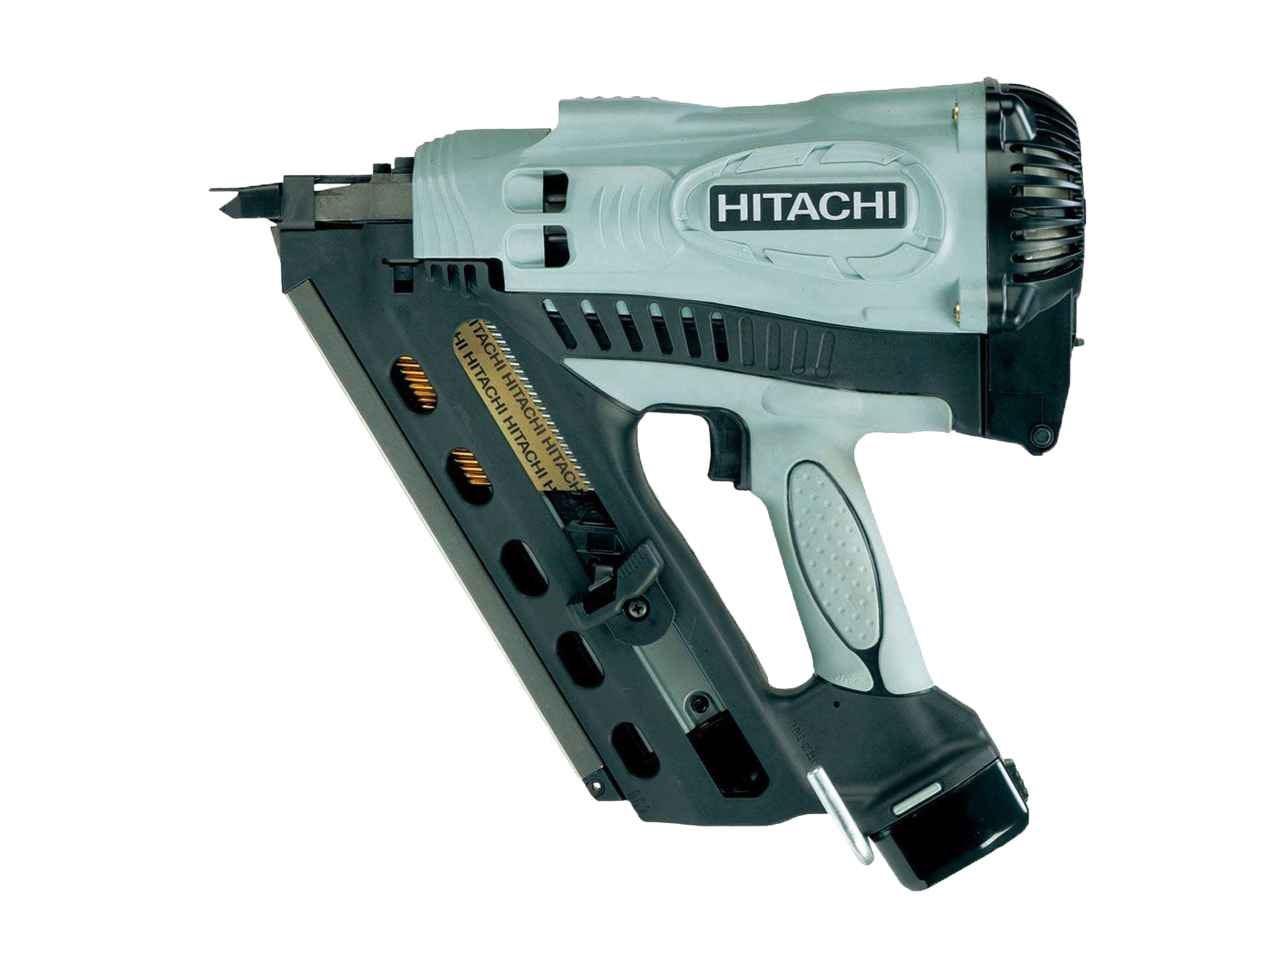 Hitachi NR90GC2/J8 First Fix 90mm Gas Framing Nailer Li-Ion